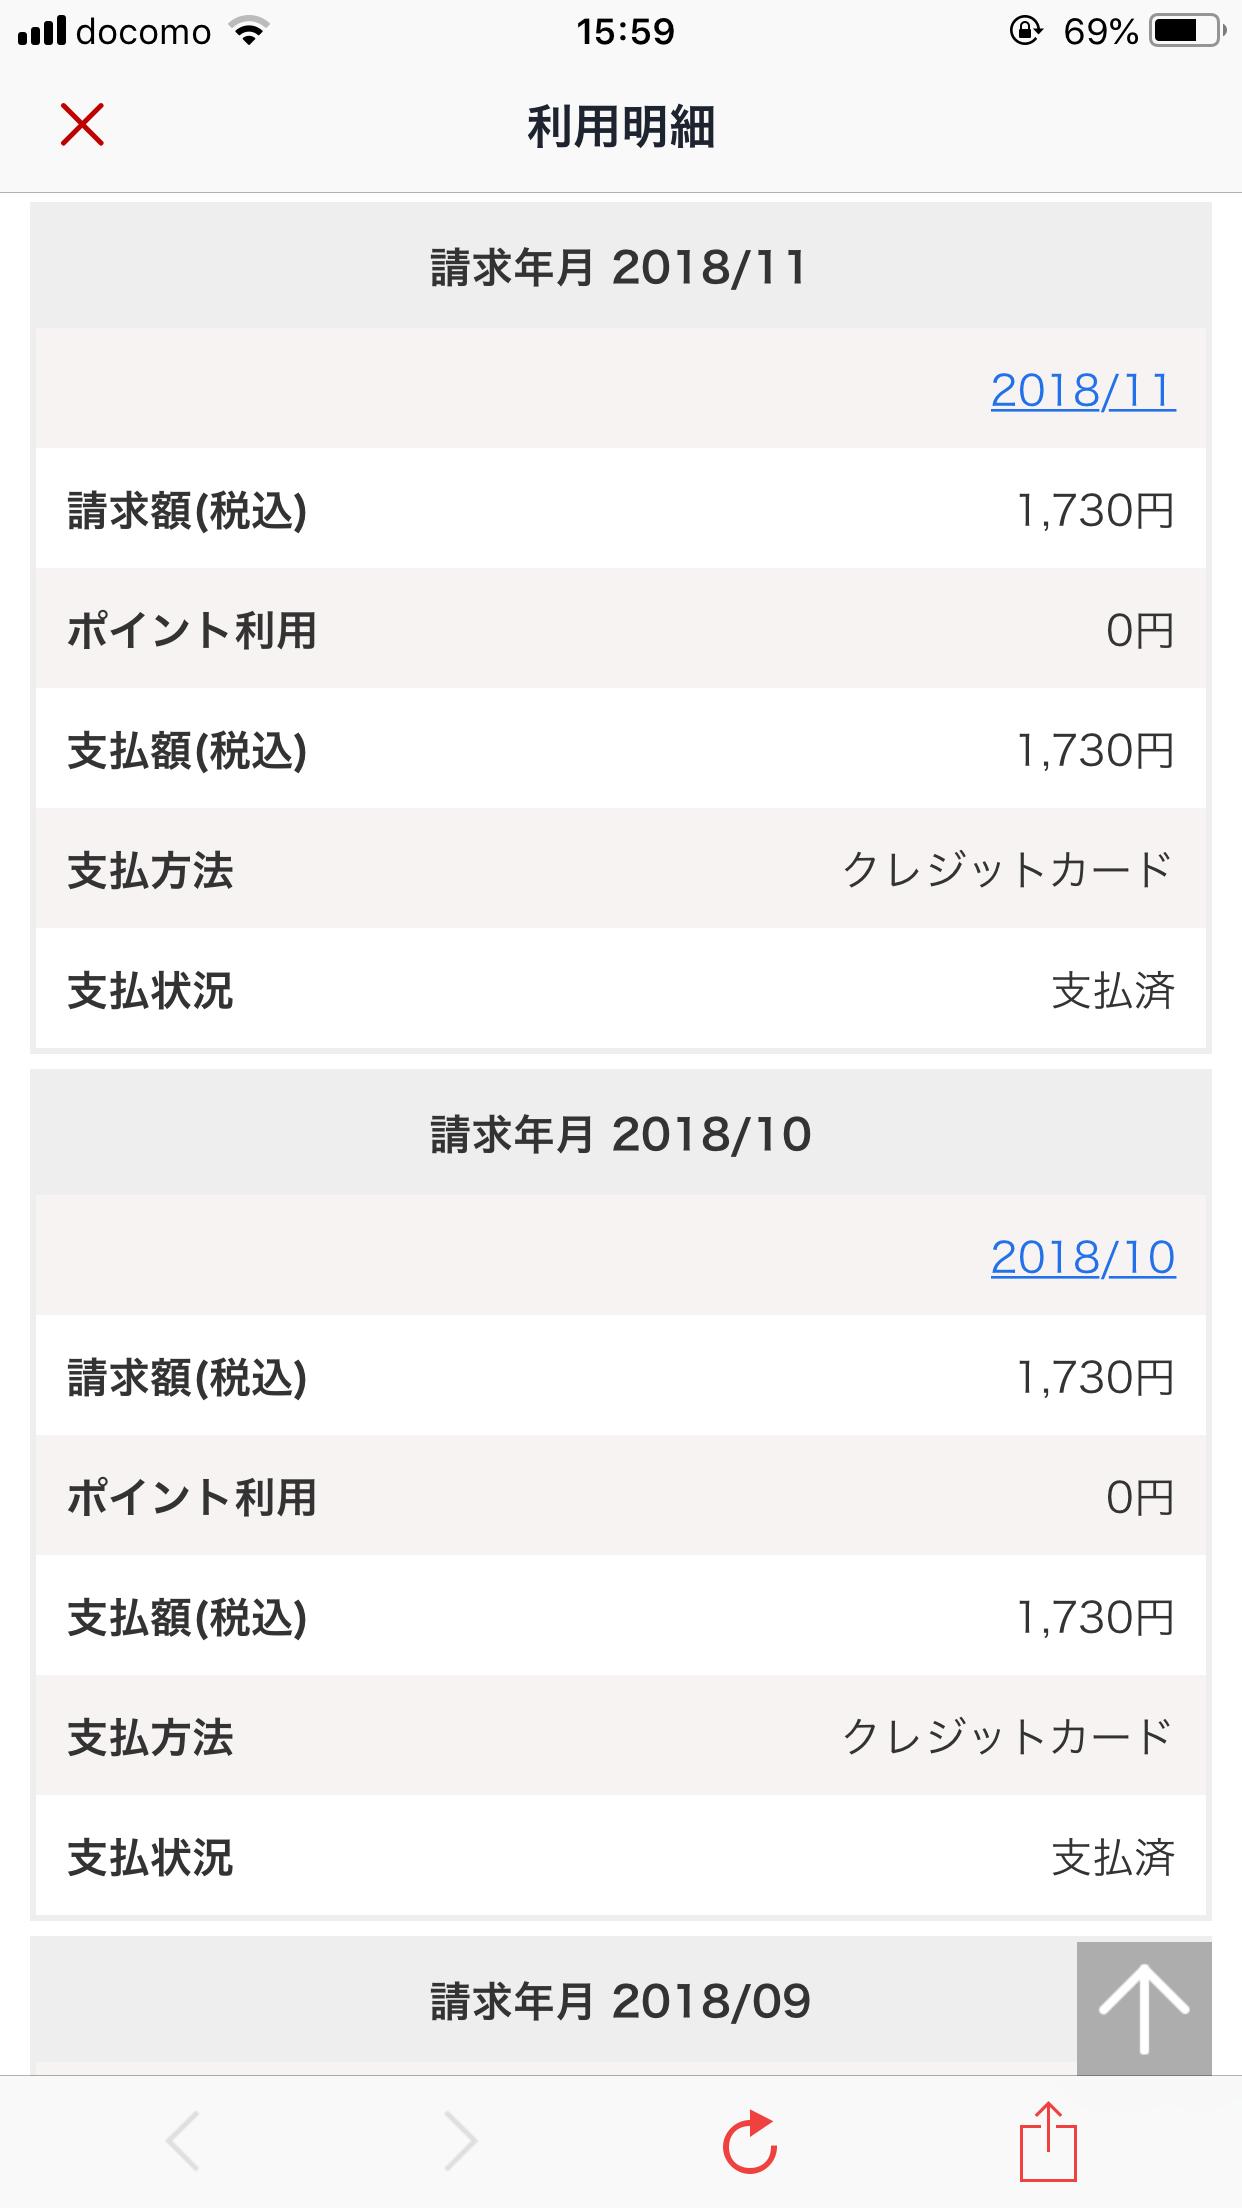 利用明細(2018/10〜2018/11)